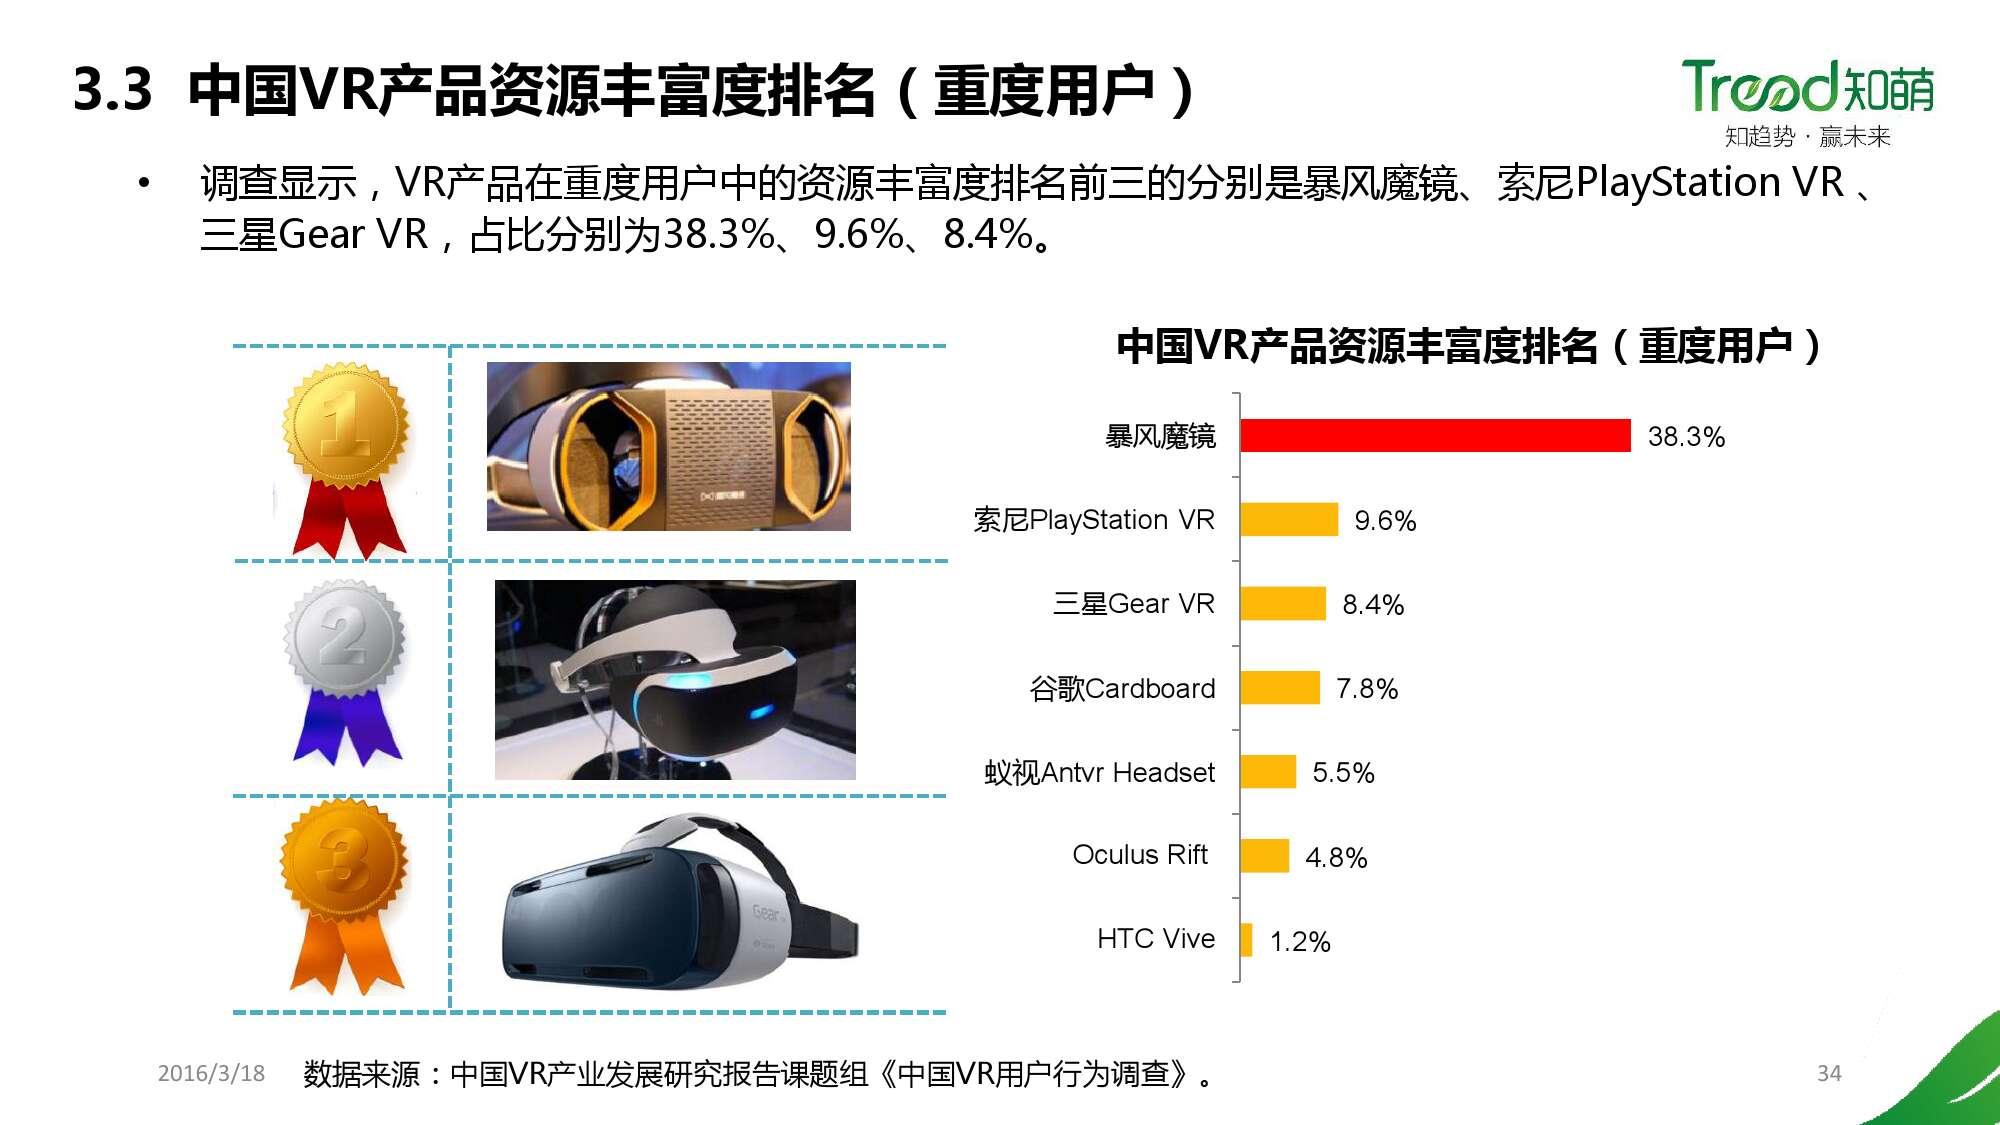 中国VR用户行为研究报告_000034